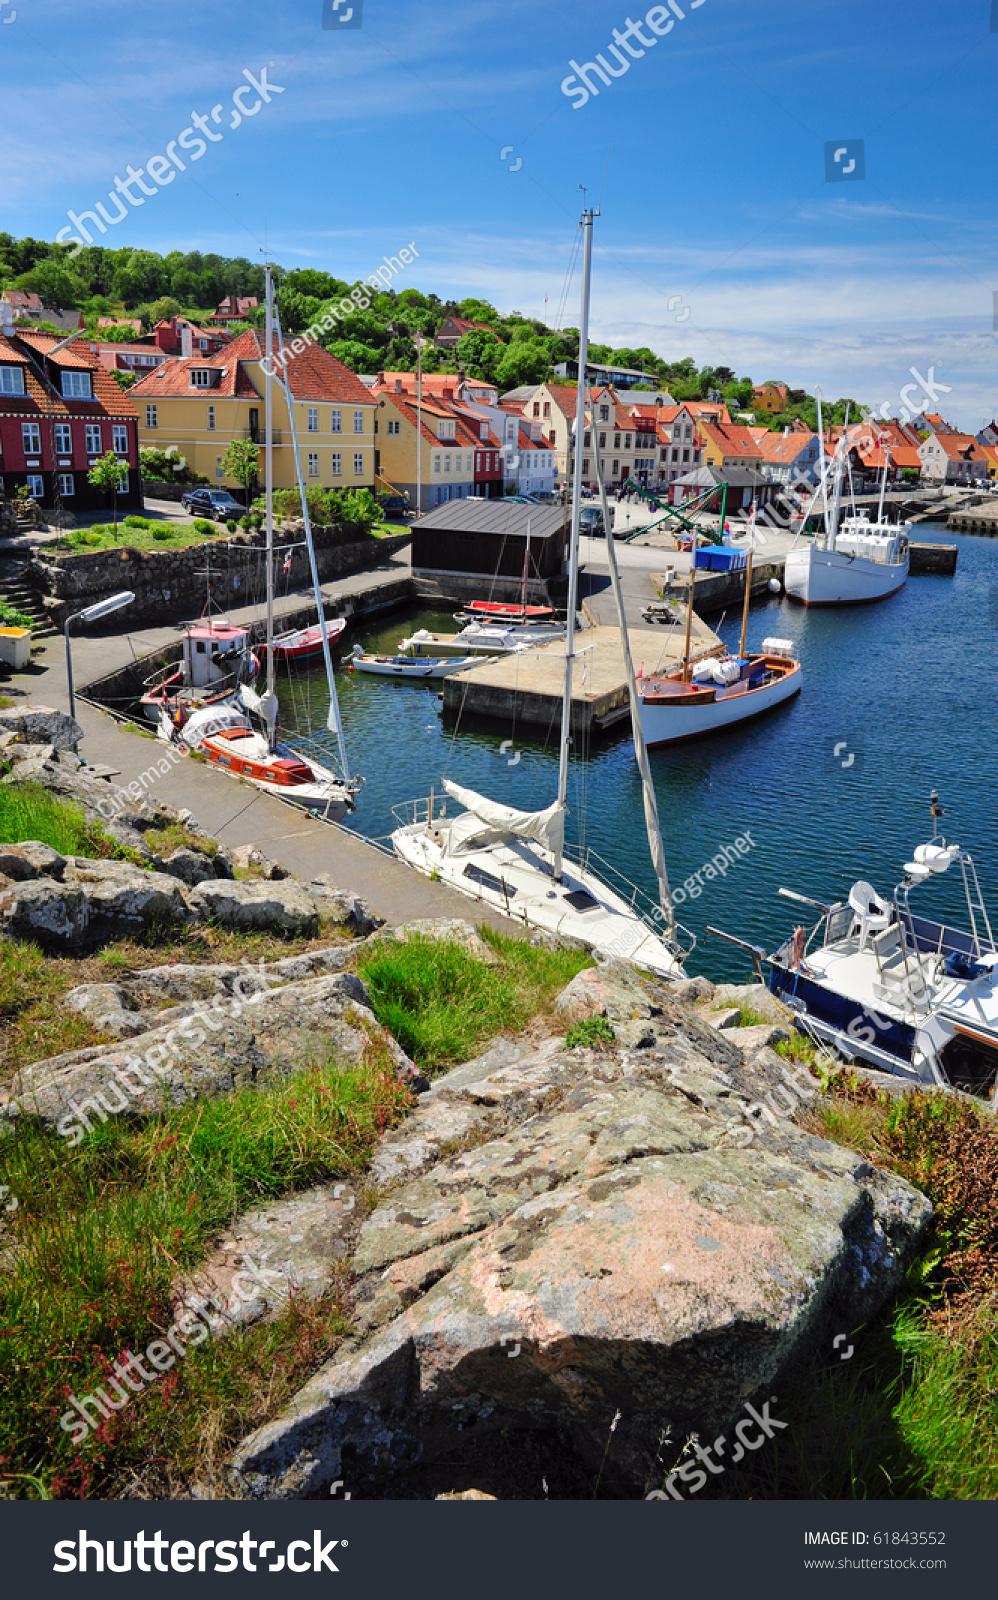 Gudhjem, Bornholm, Denmark загрузить